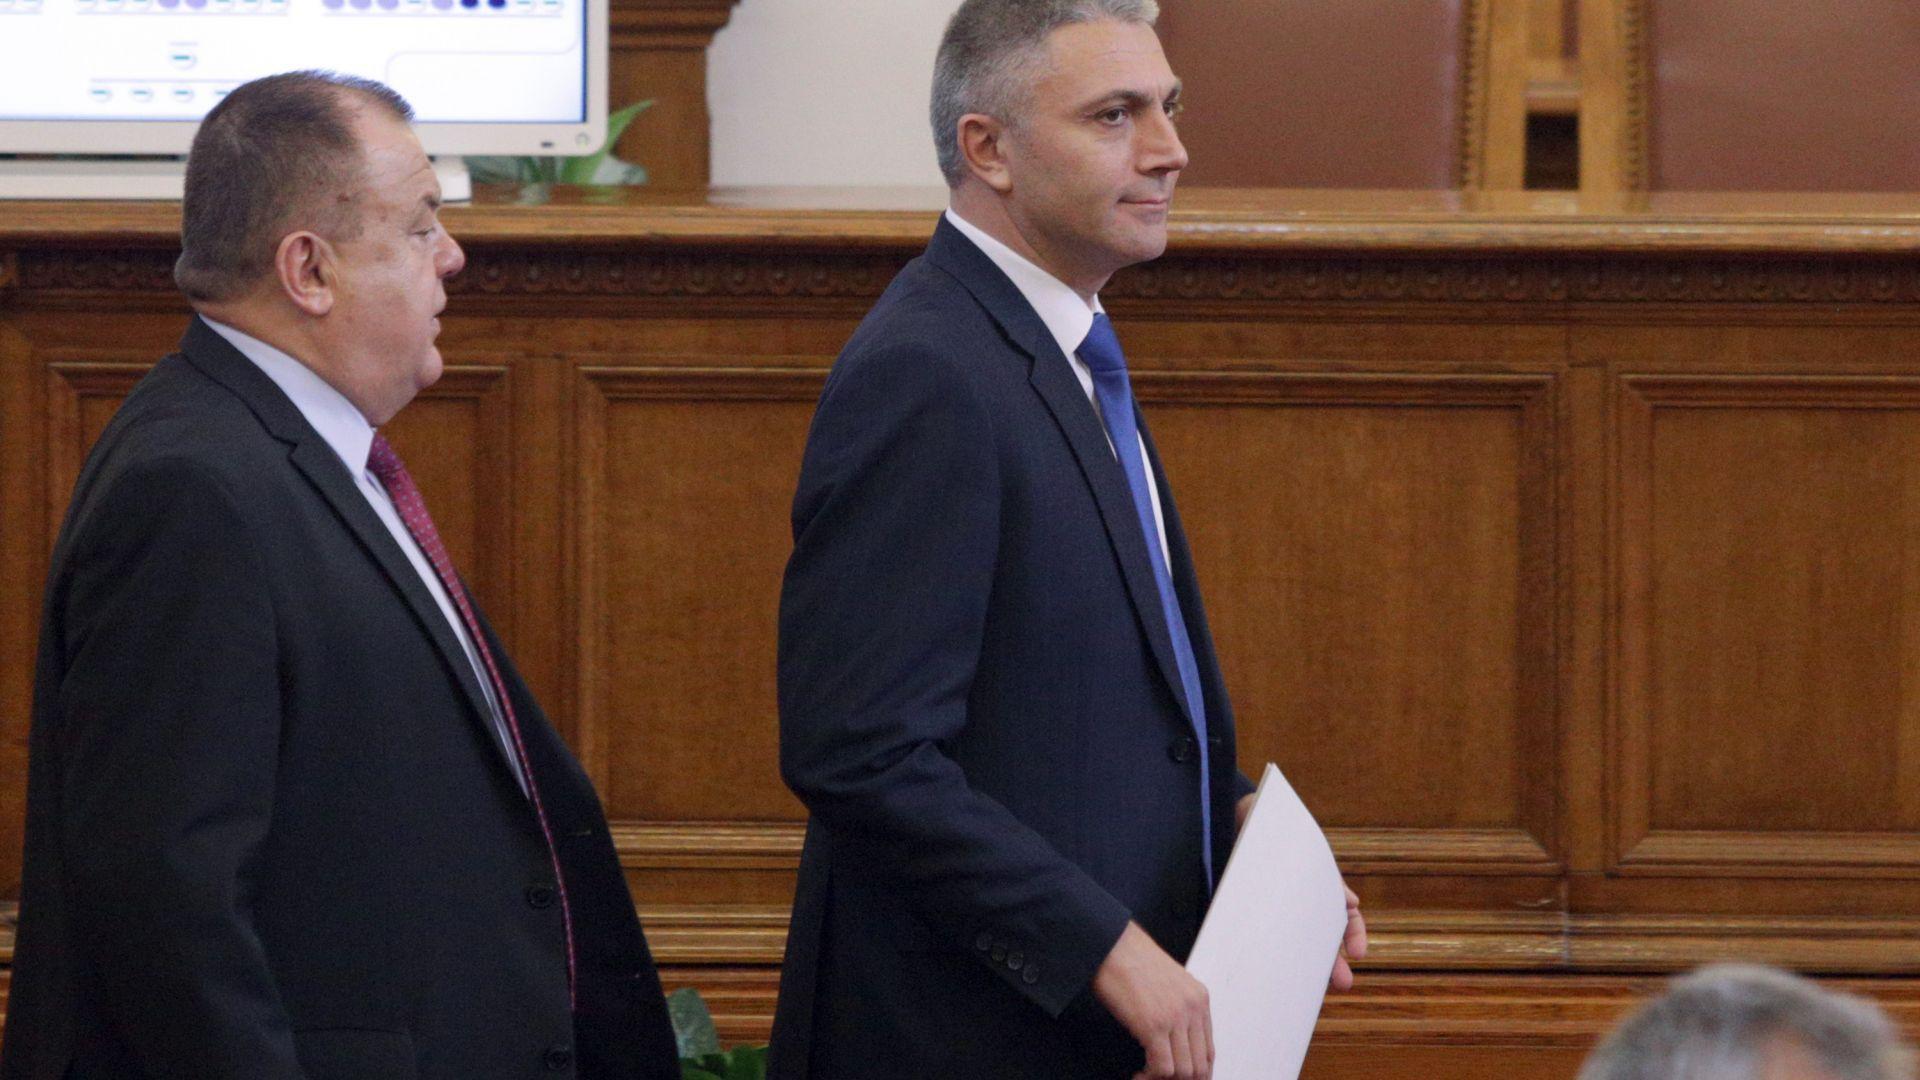 ДПС: Кабинетът забрави за вътрешните проблеми и че е част от ЕС